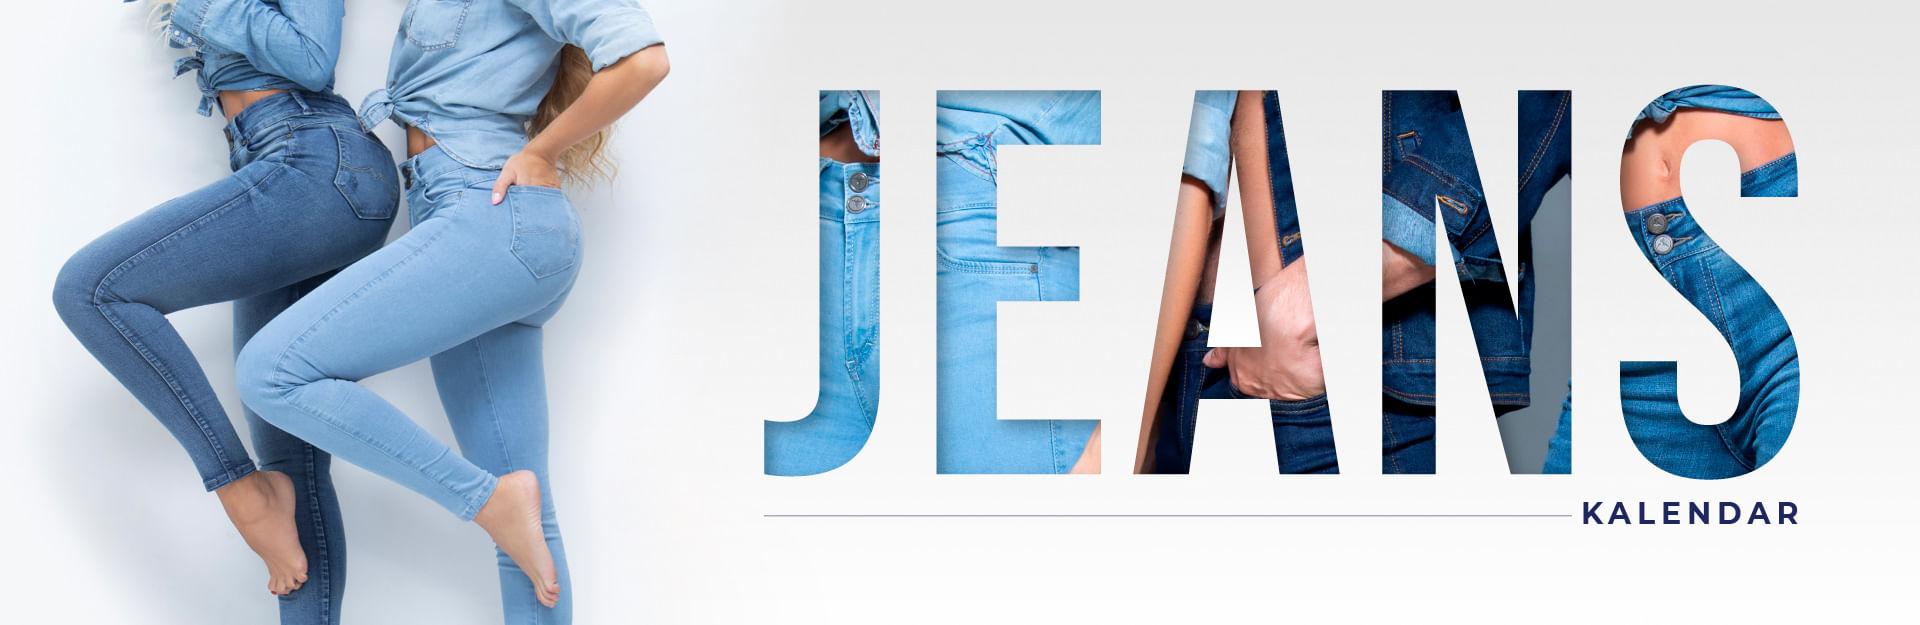 ropa para hombre, los mejores precios, camisas y jeans